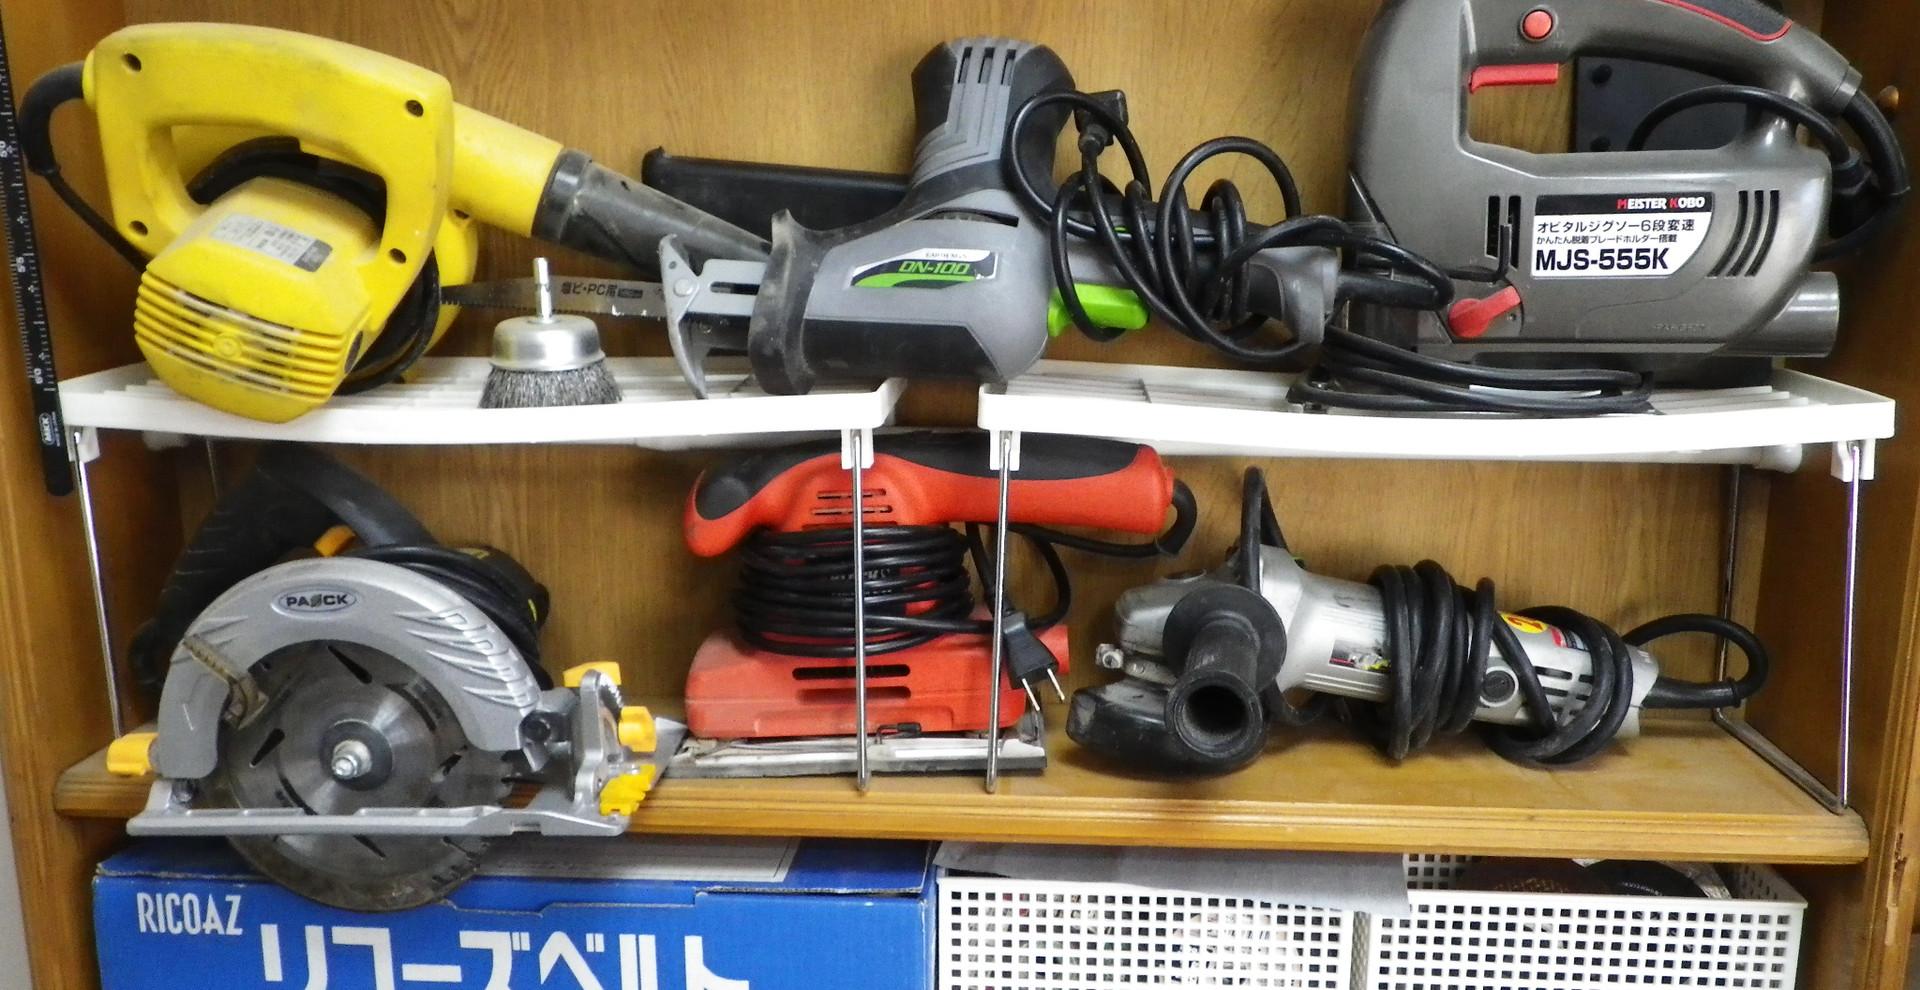 手持ち工具類